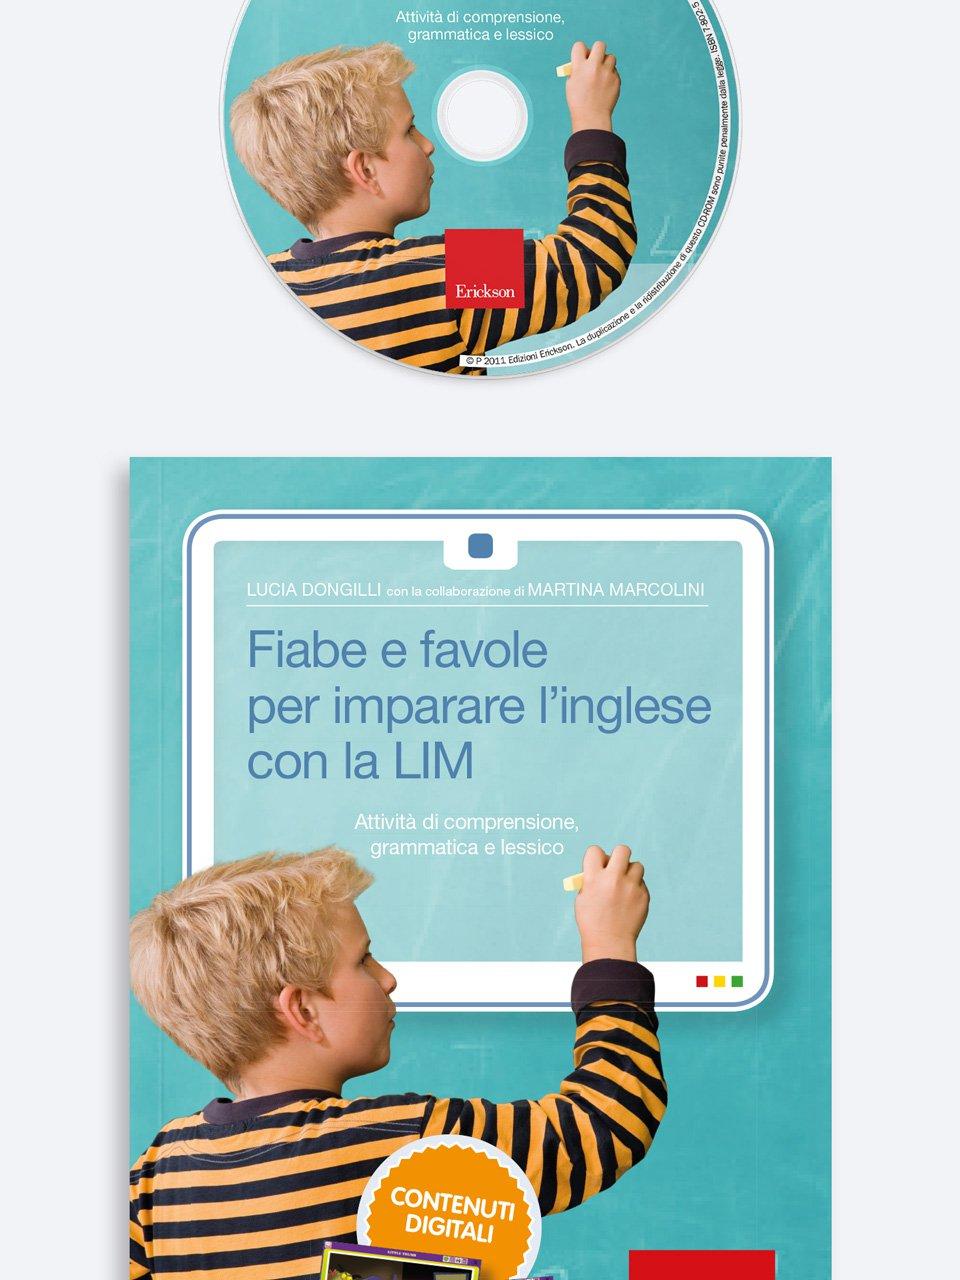 Fiabe e favole per imparare l'inglese con la LIM - My First Word Games - App e software - Erickson